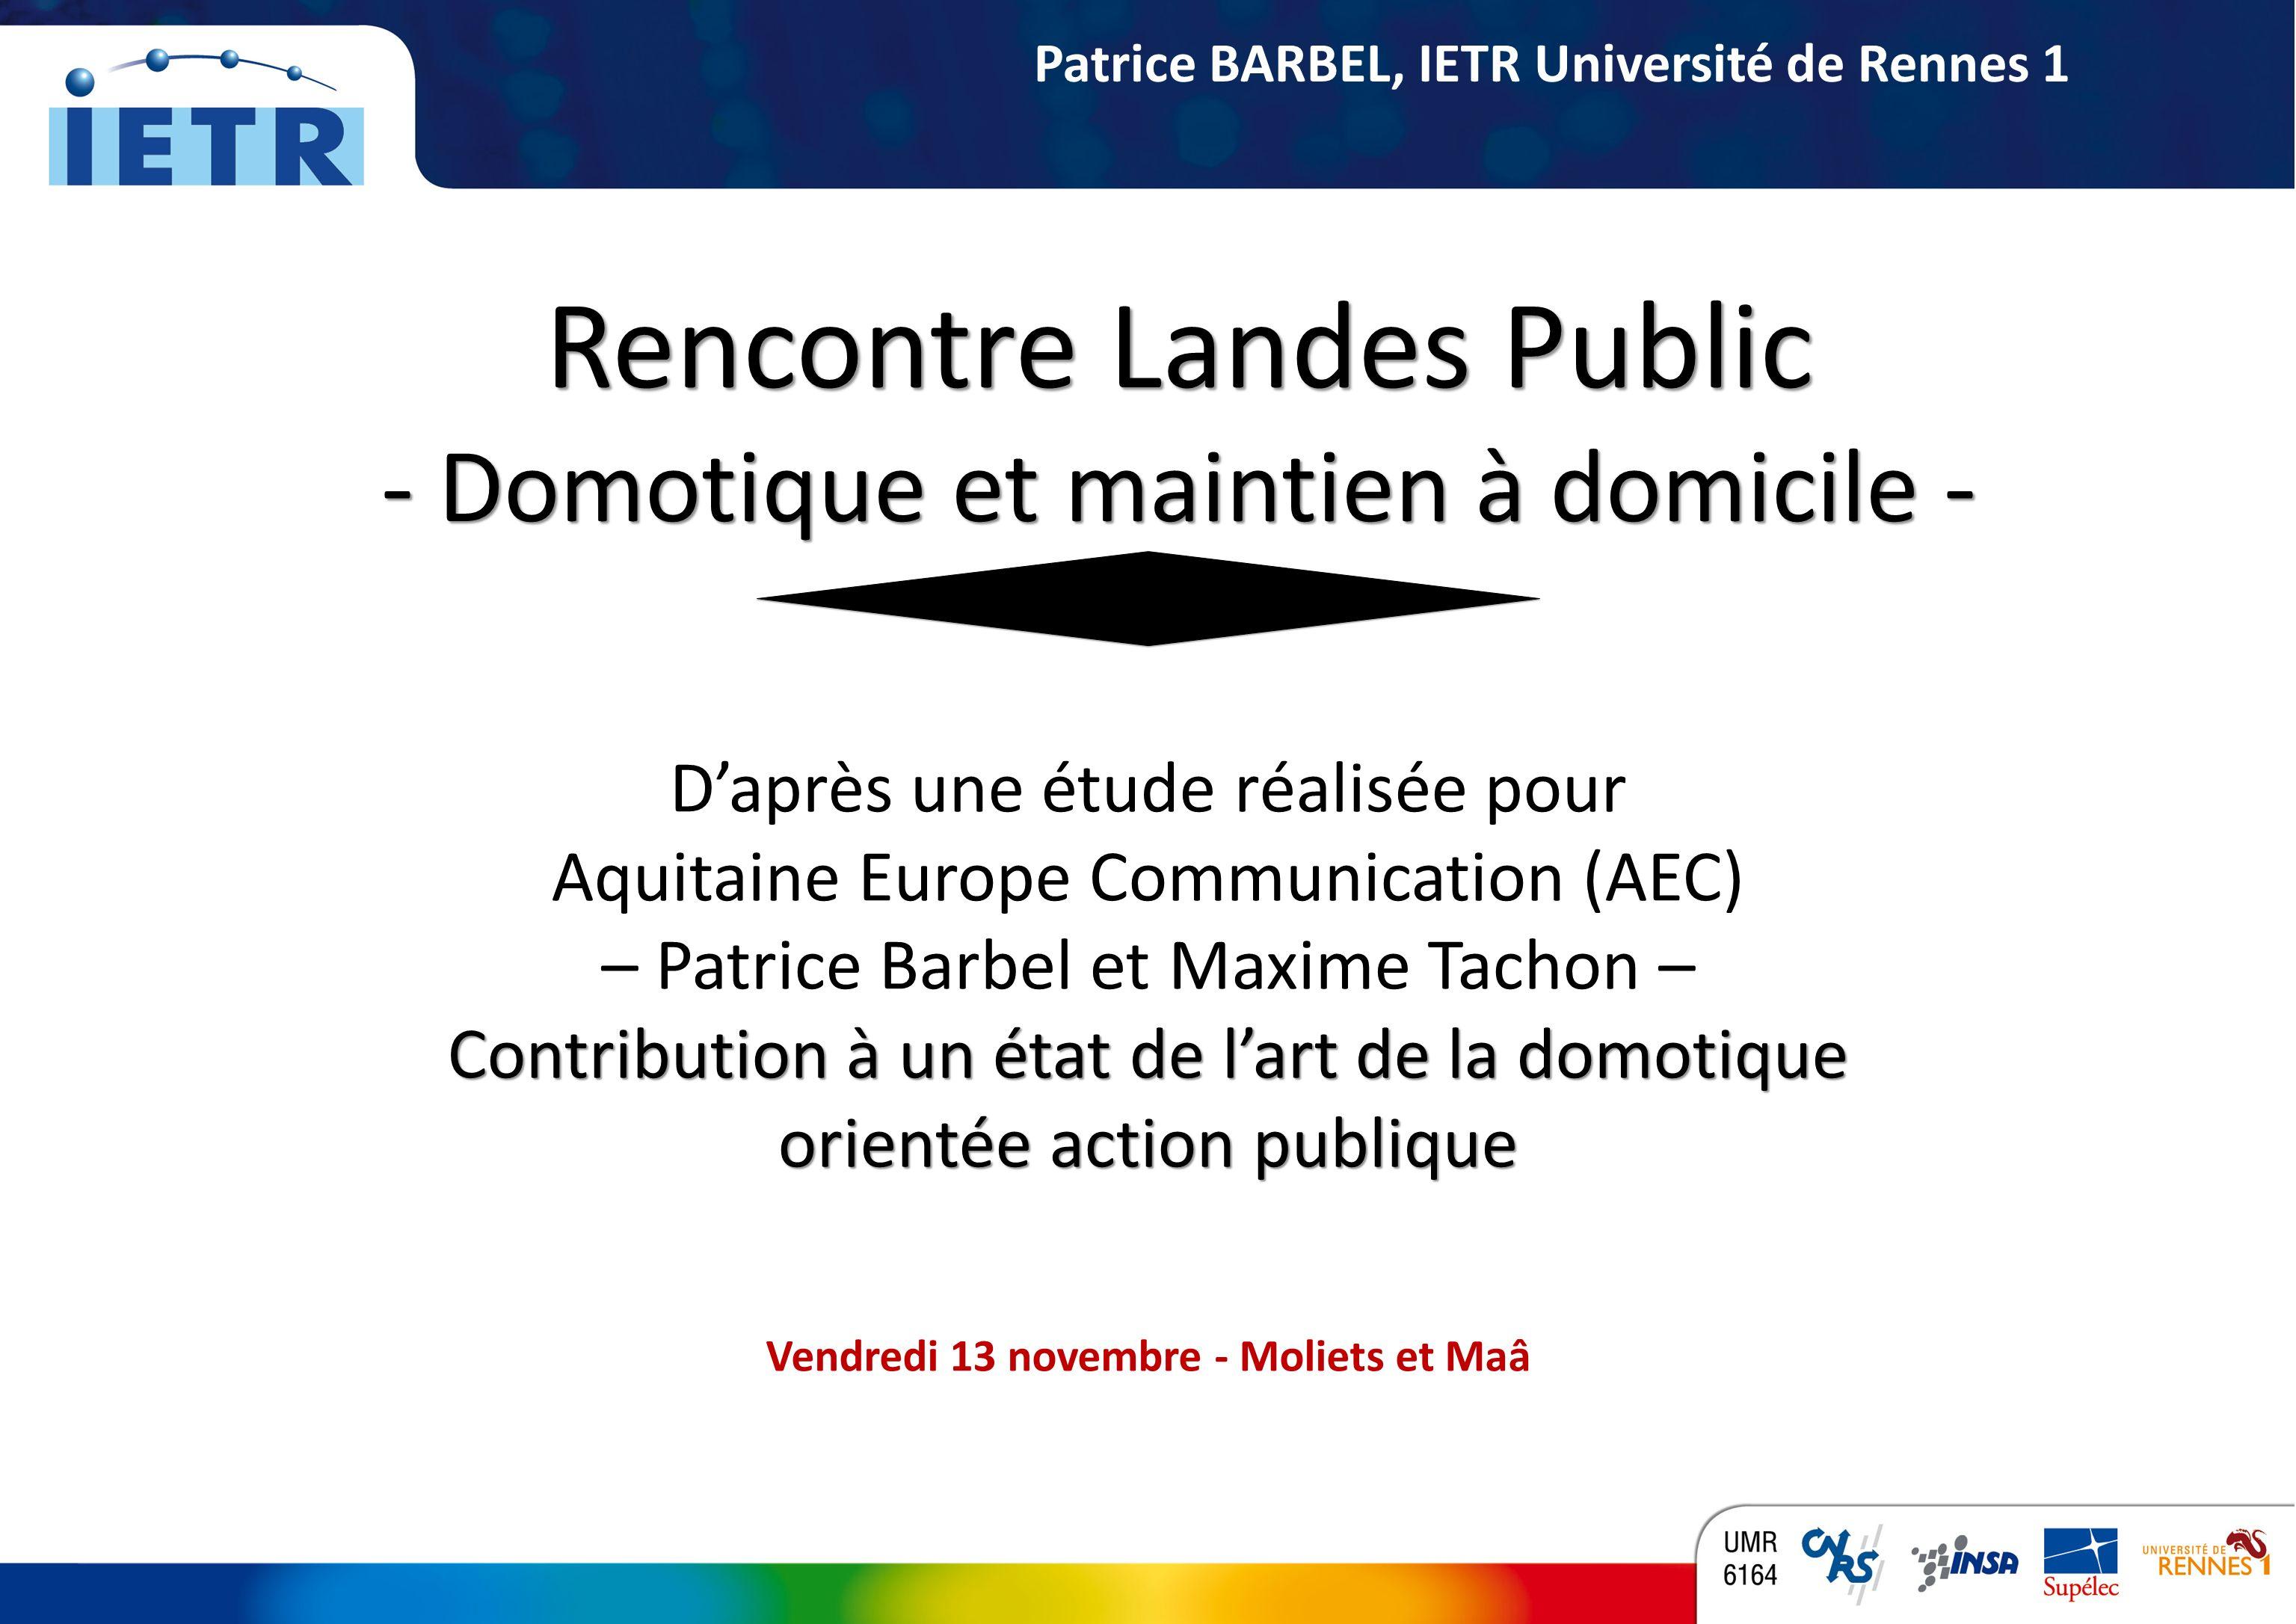 Rencontre Landes Public